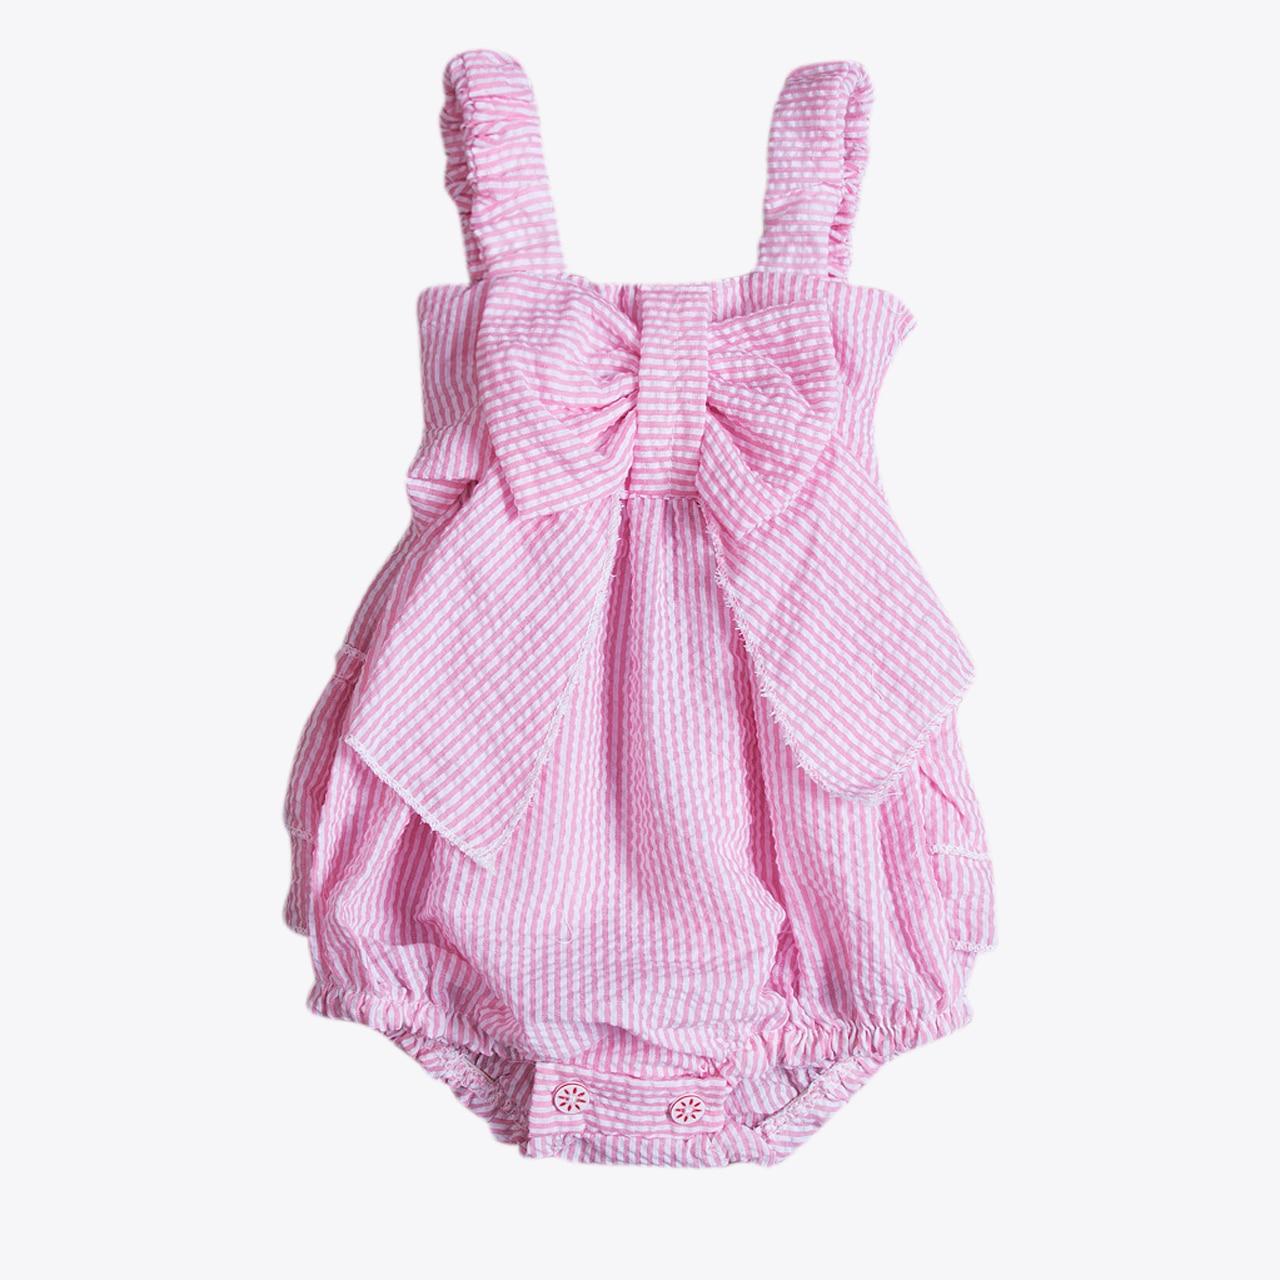 Розовый комбинезон с рюшами на бретельках для новорожденных девочек; летняя одежда; комплект одежды; розовый комбинезон с рюшами на бретеля...